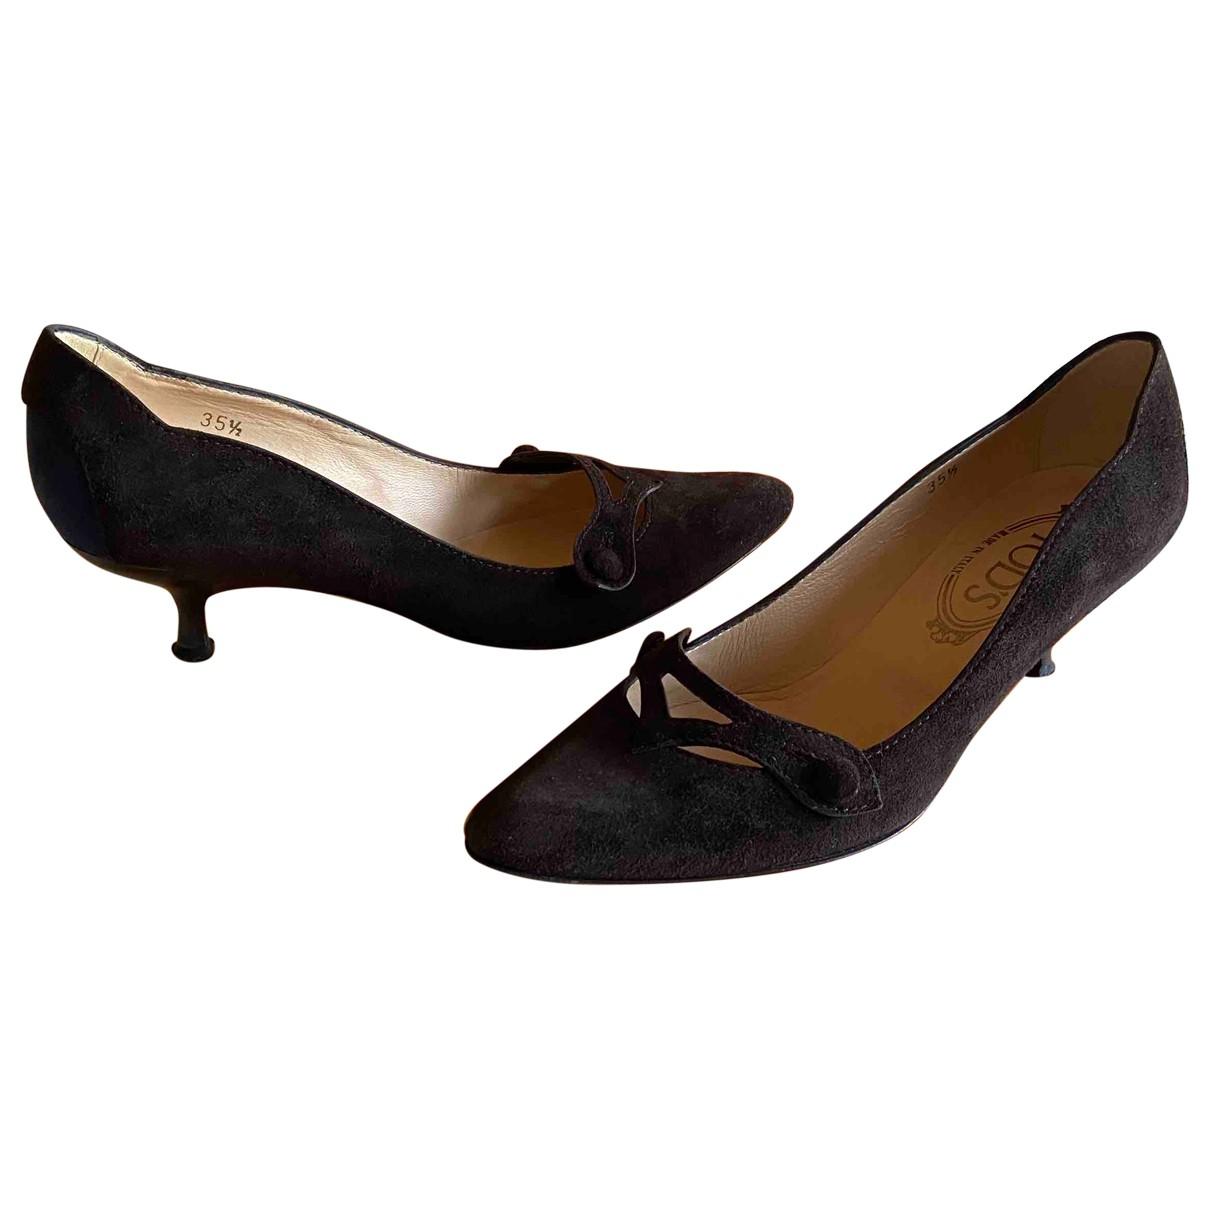 Tod's \N Brown Suede Heels for Women 35.5 IT